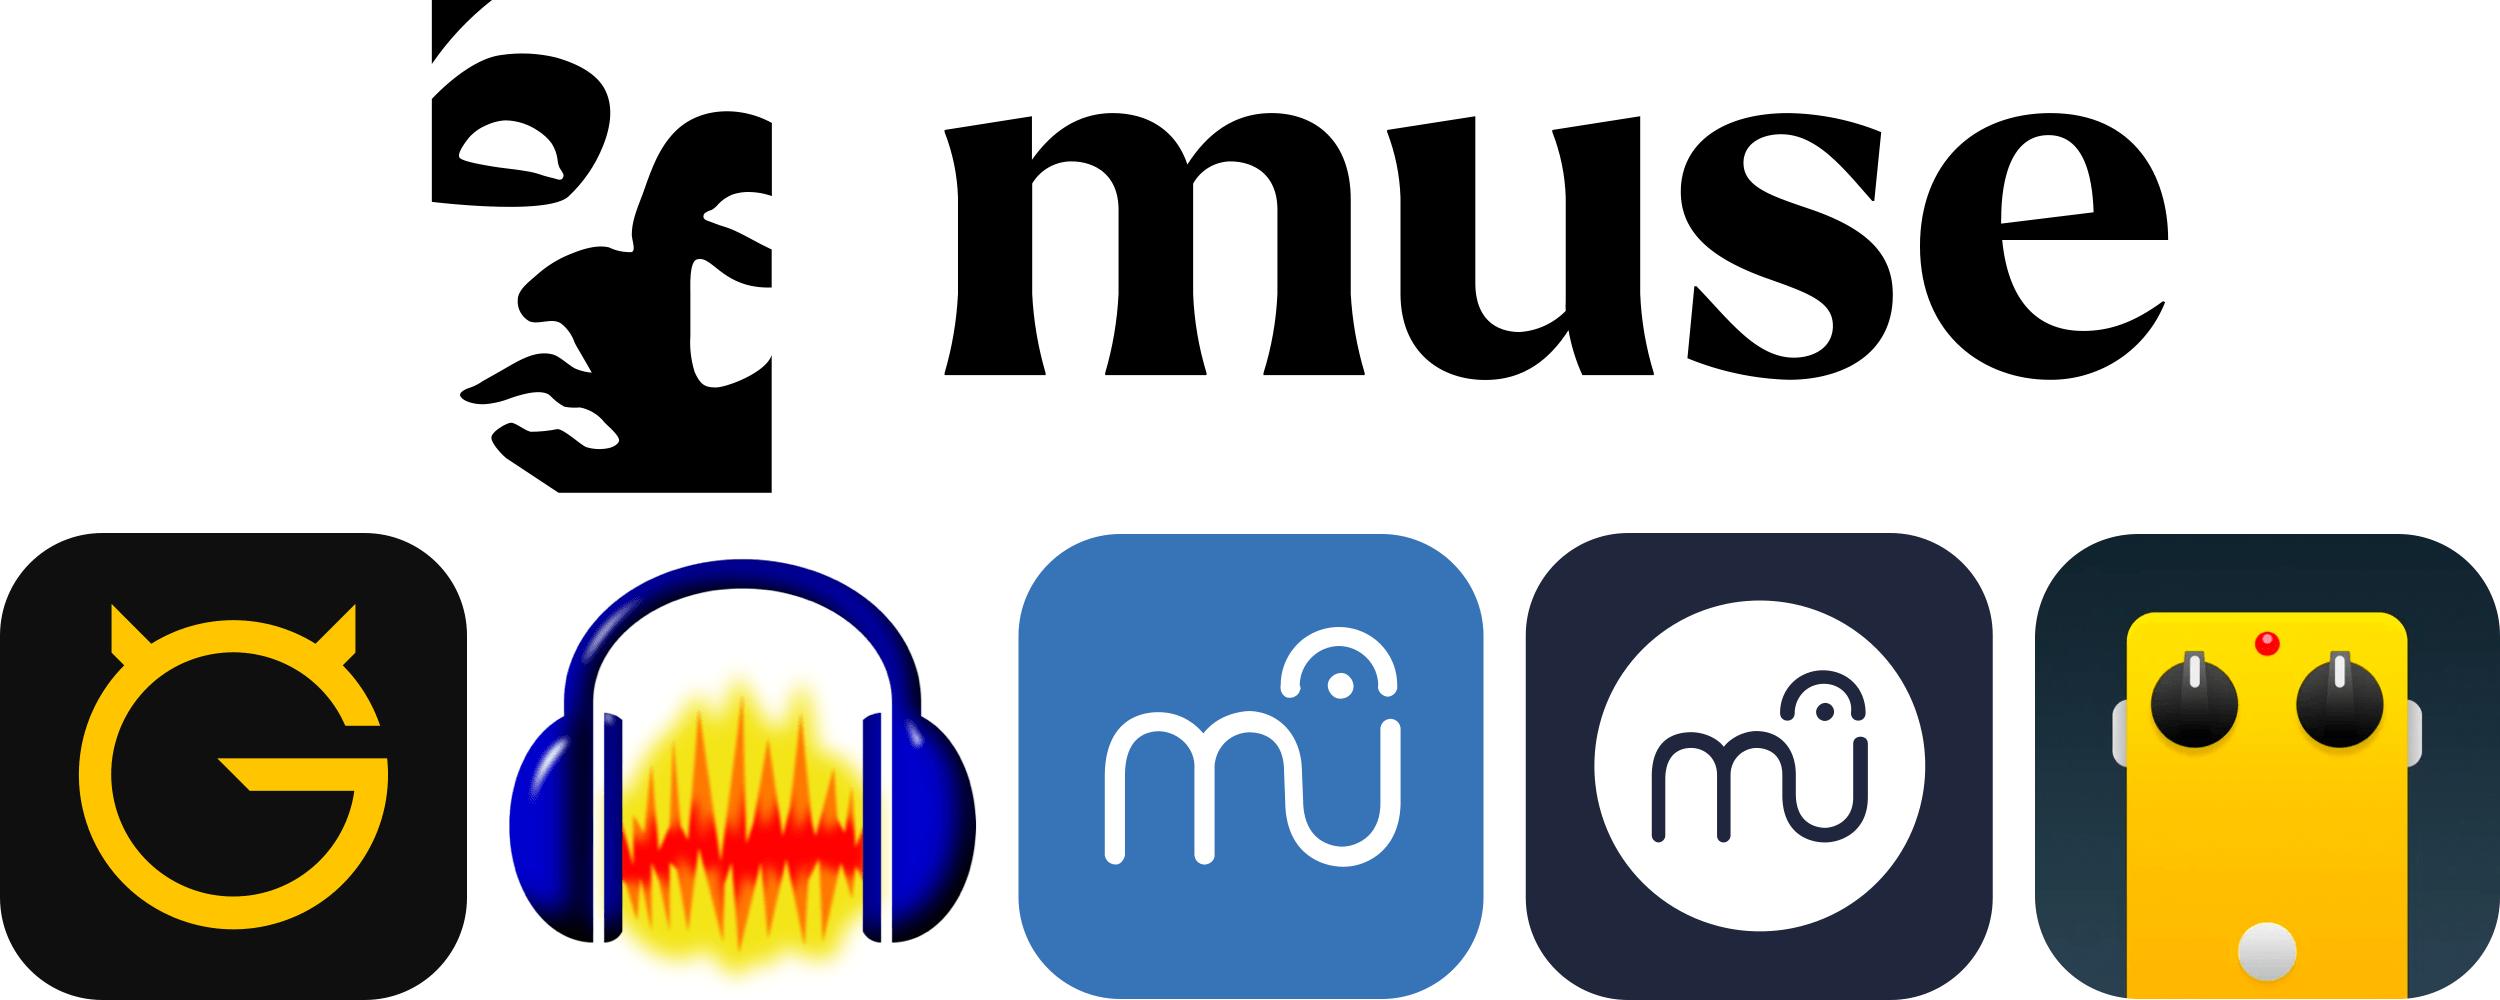 开源音频编辑器 Audacity 被 MuseGroup 正式收购